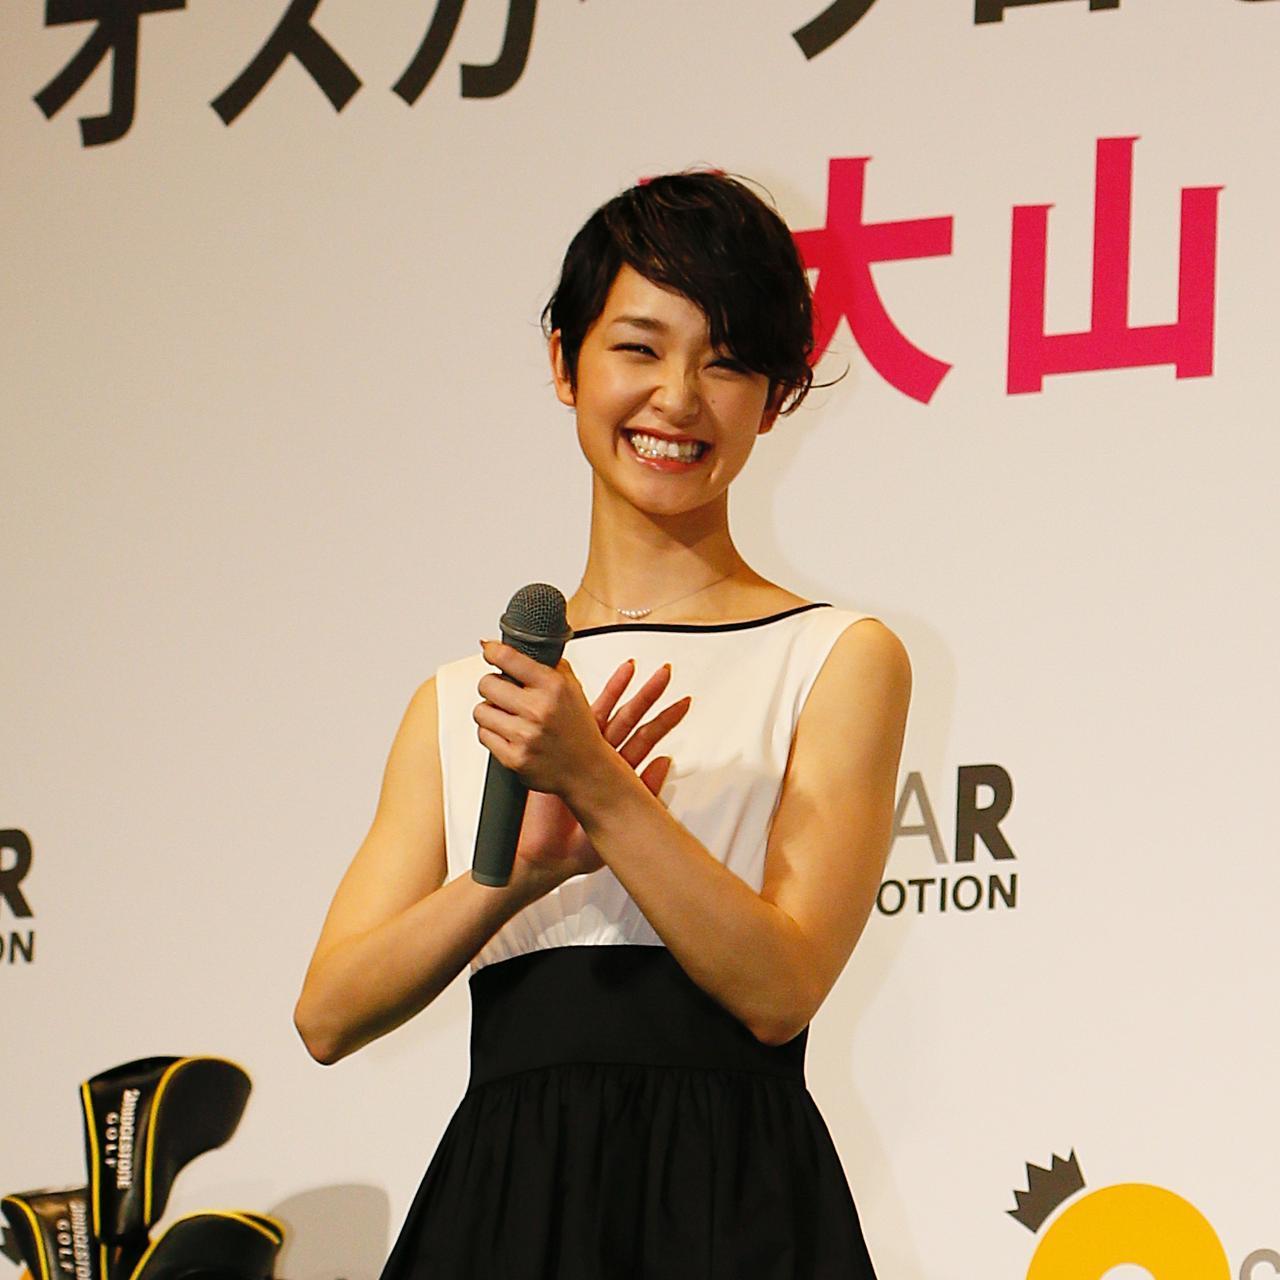 画像: 2016年、プロゴルファー・大山亜由美のオスカープロモーションに所属を発表した際に記者発表会に登壇し、「ゴルフを趣味にしたい」と語っていた剛力さん(撮影/ゴルフダイジェスト社写真部)